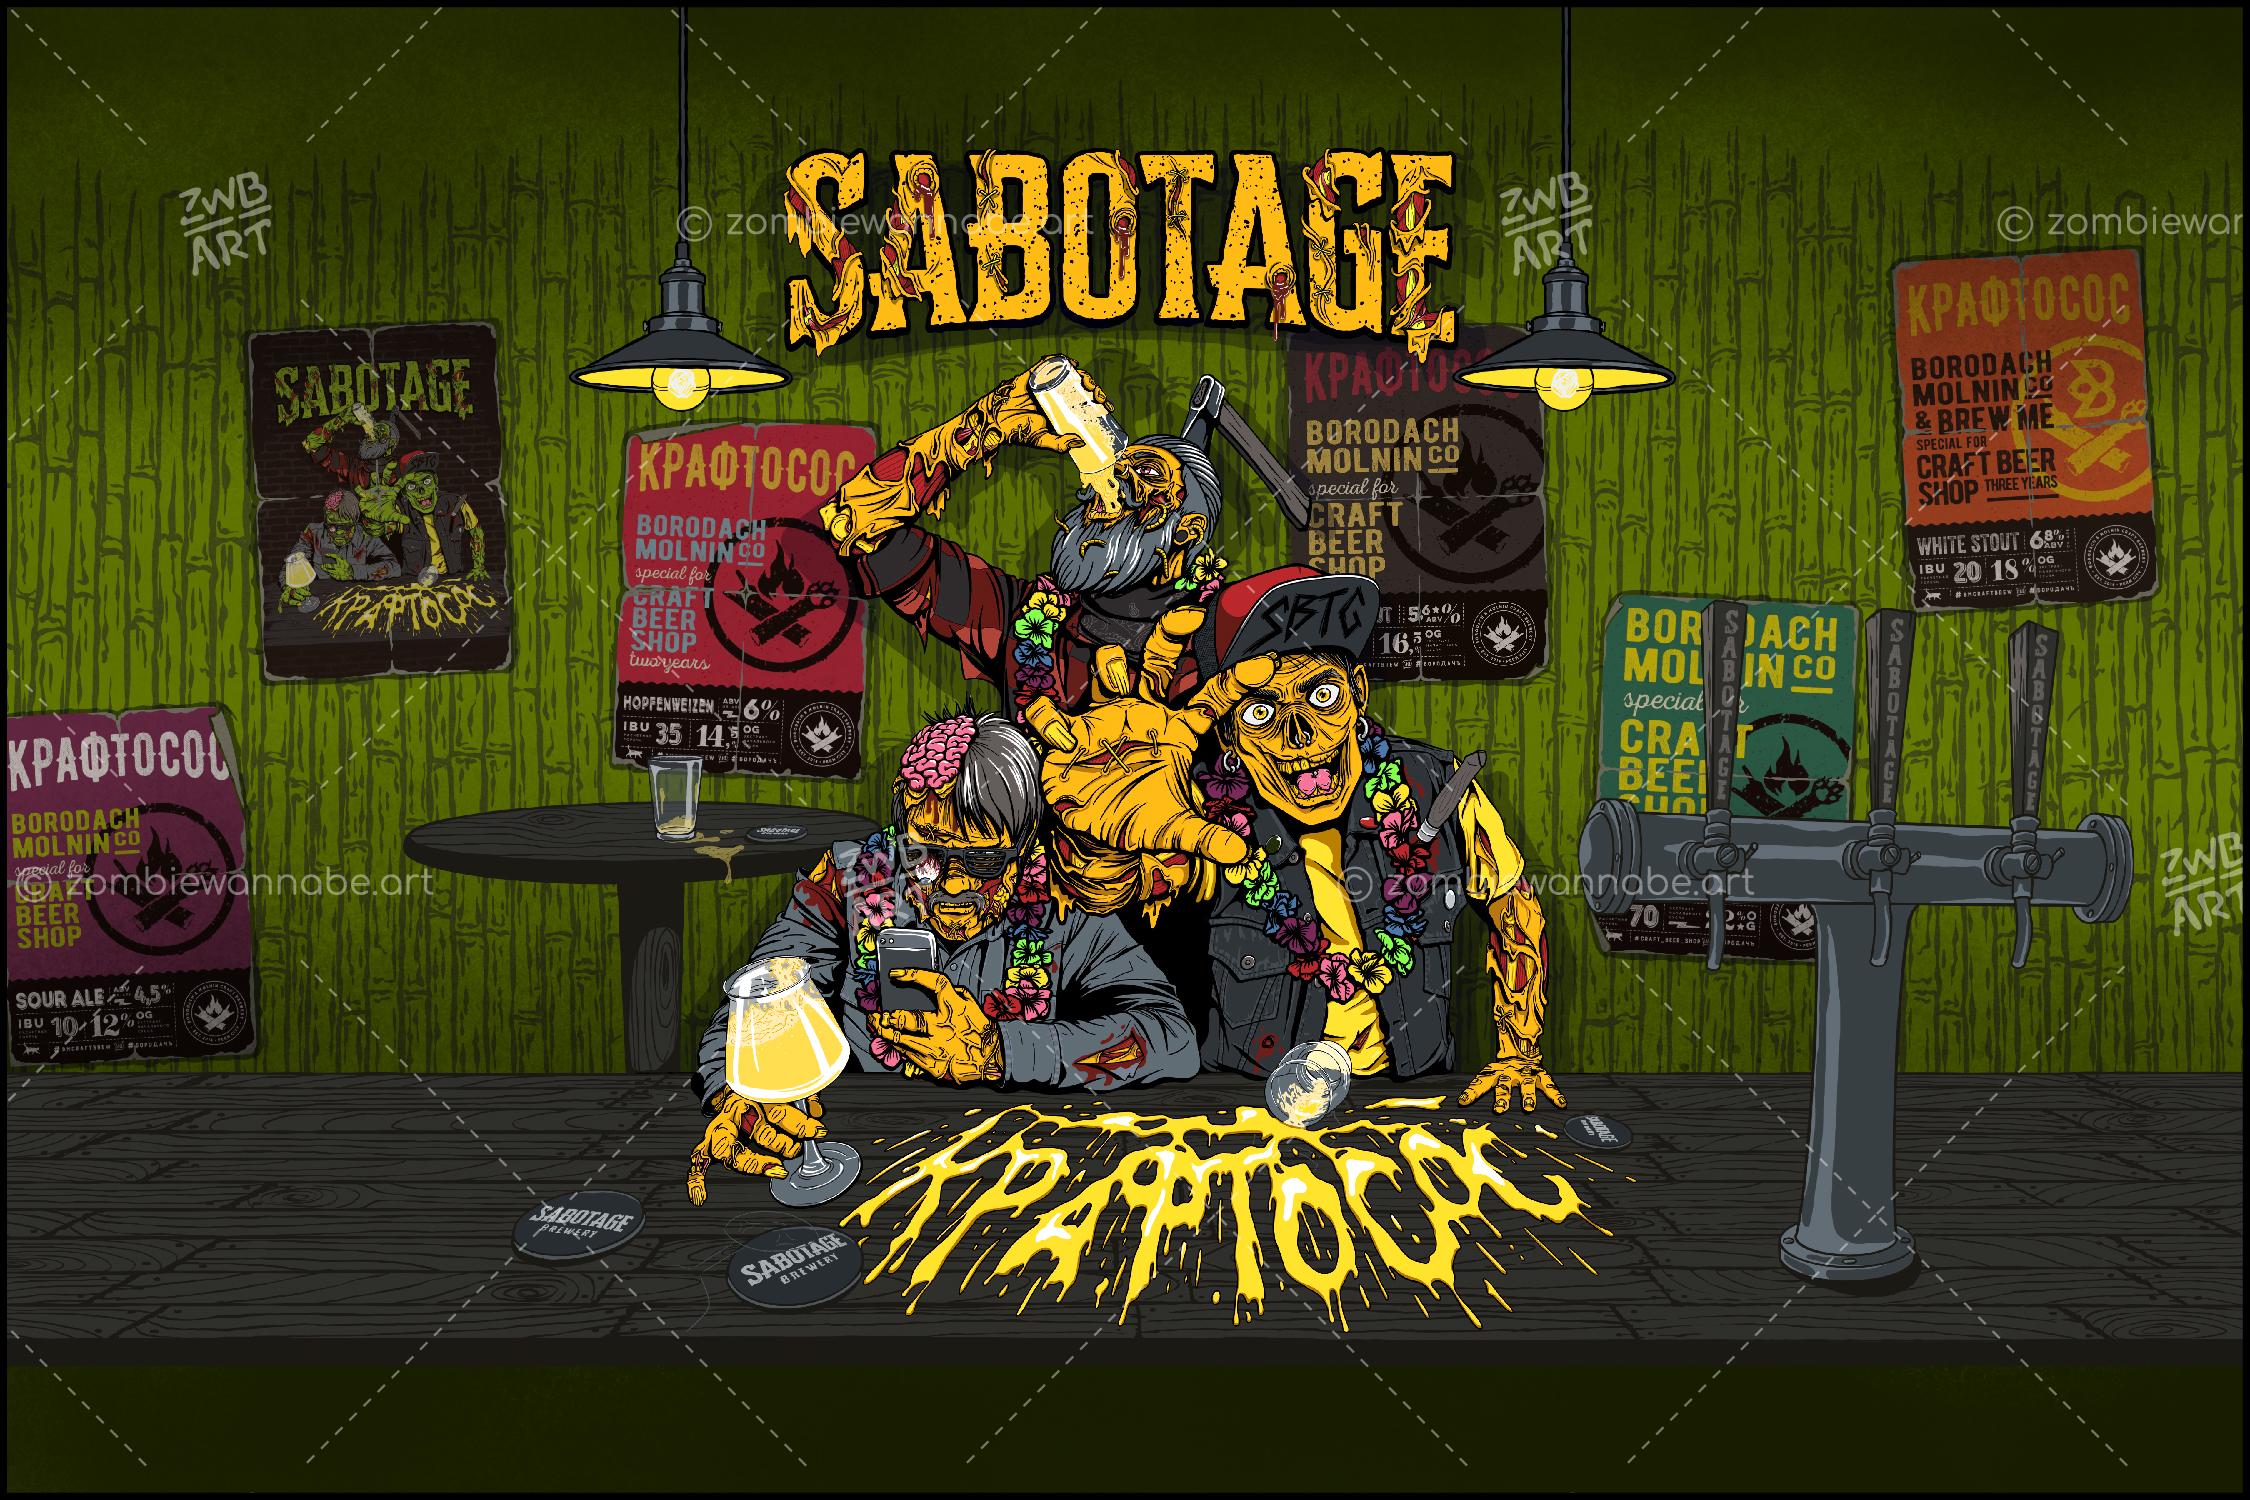 Sabotage - Craftsucker2 - commissioned work